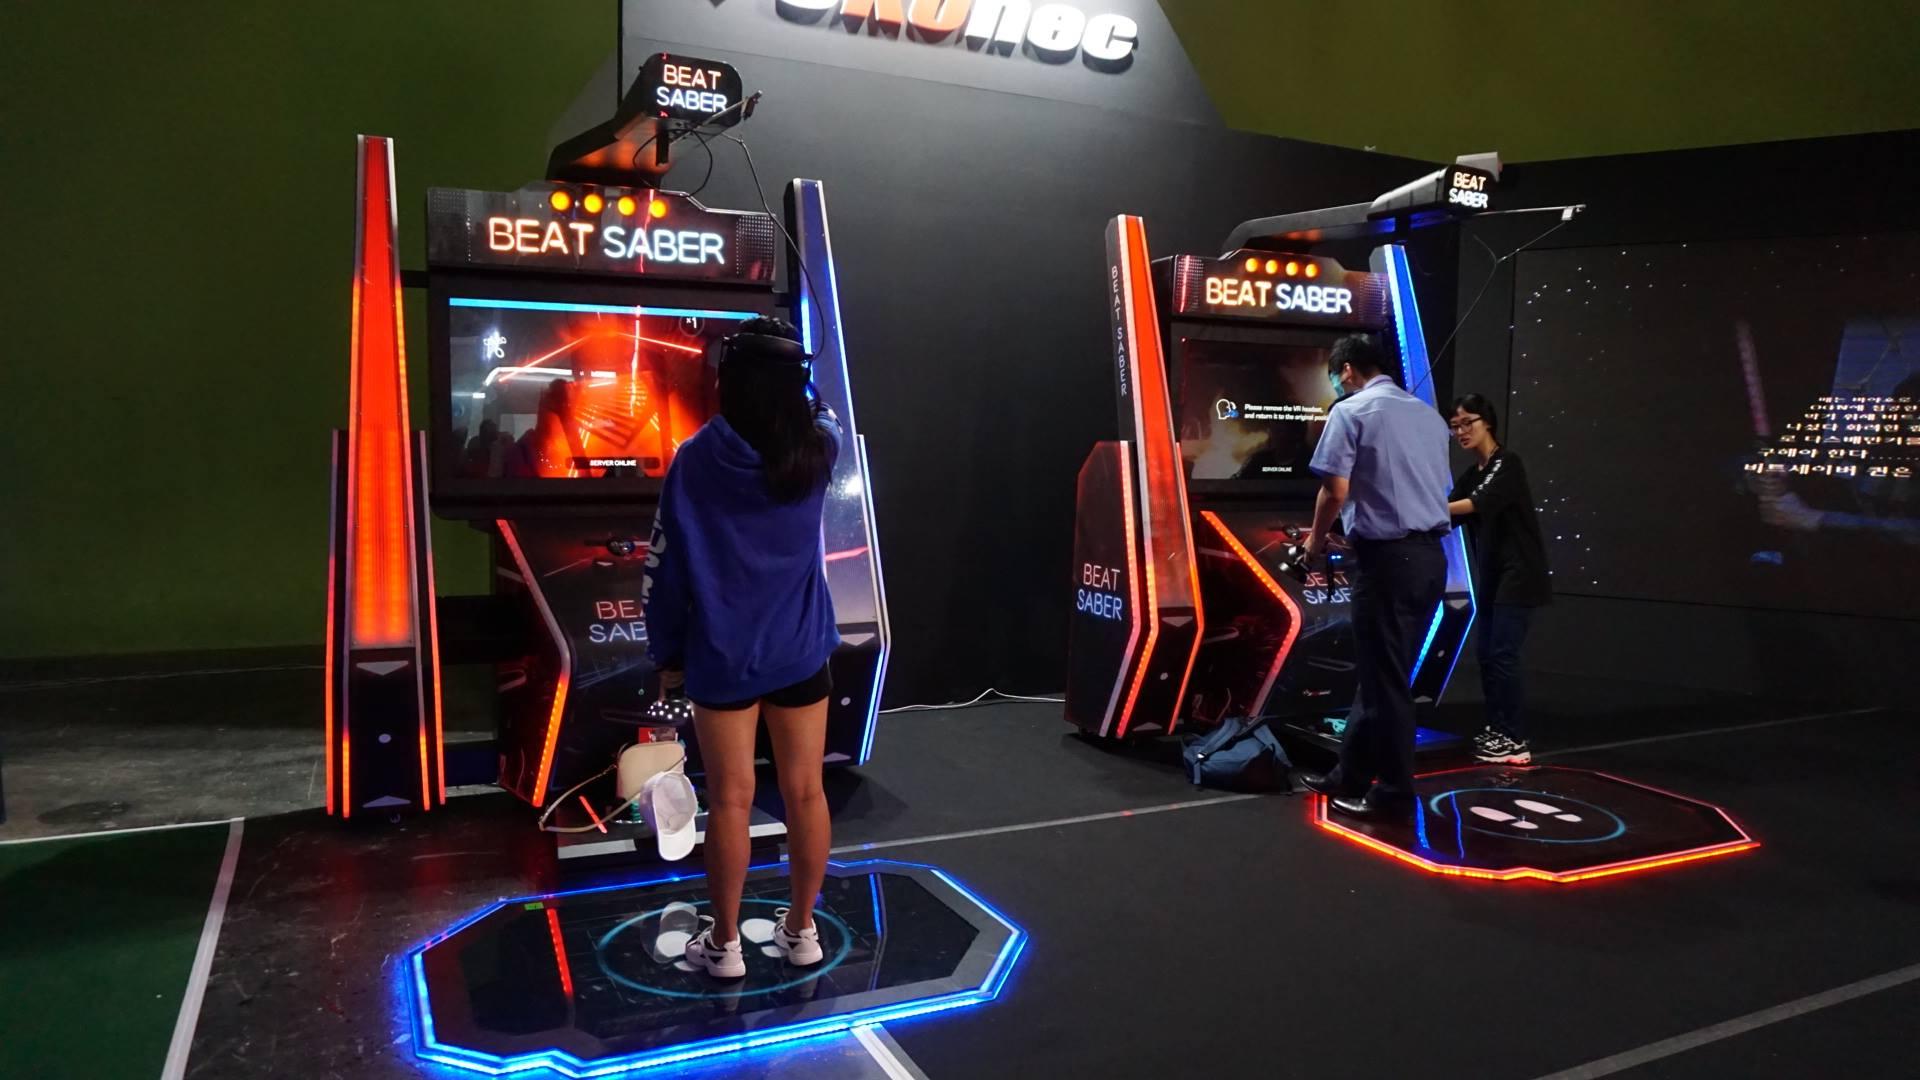 Arkádové automaty Beat Saber na korejském VR festivalu